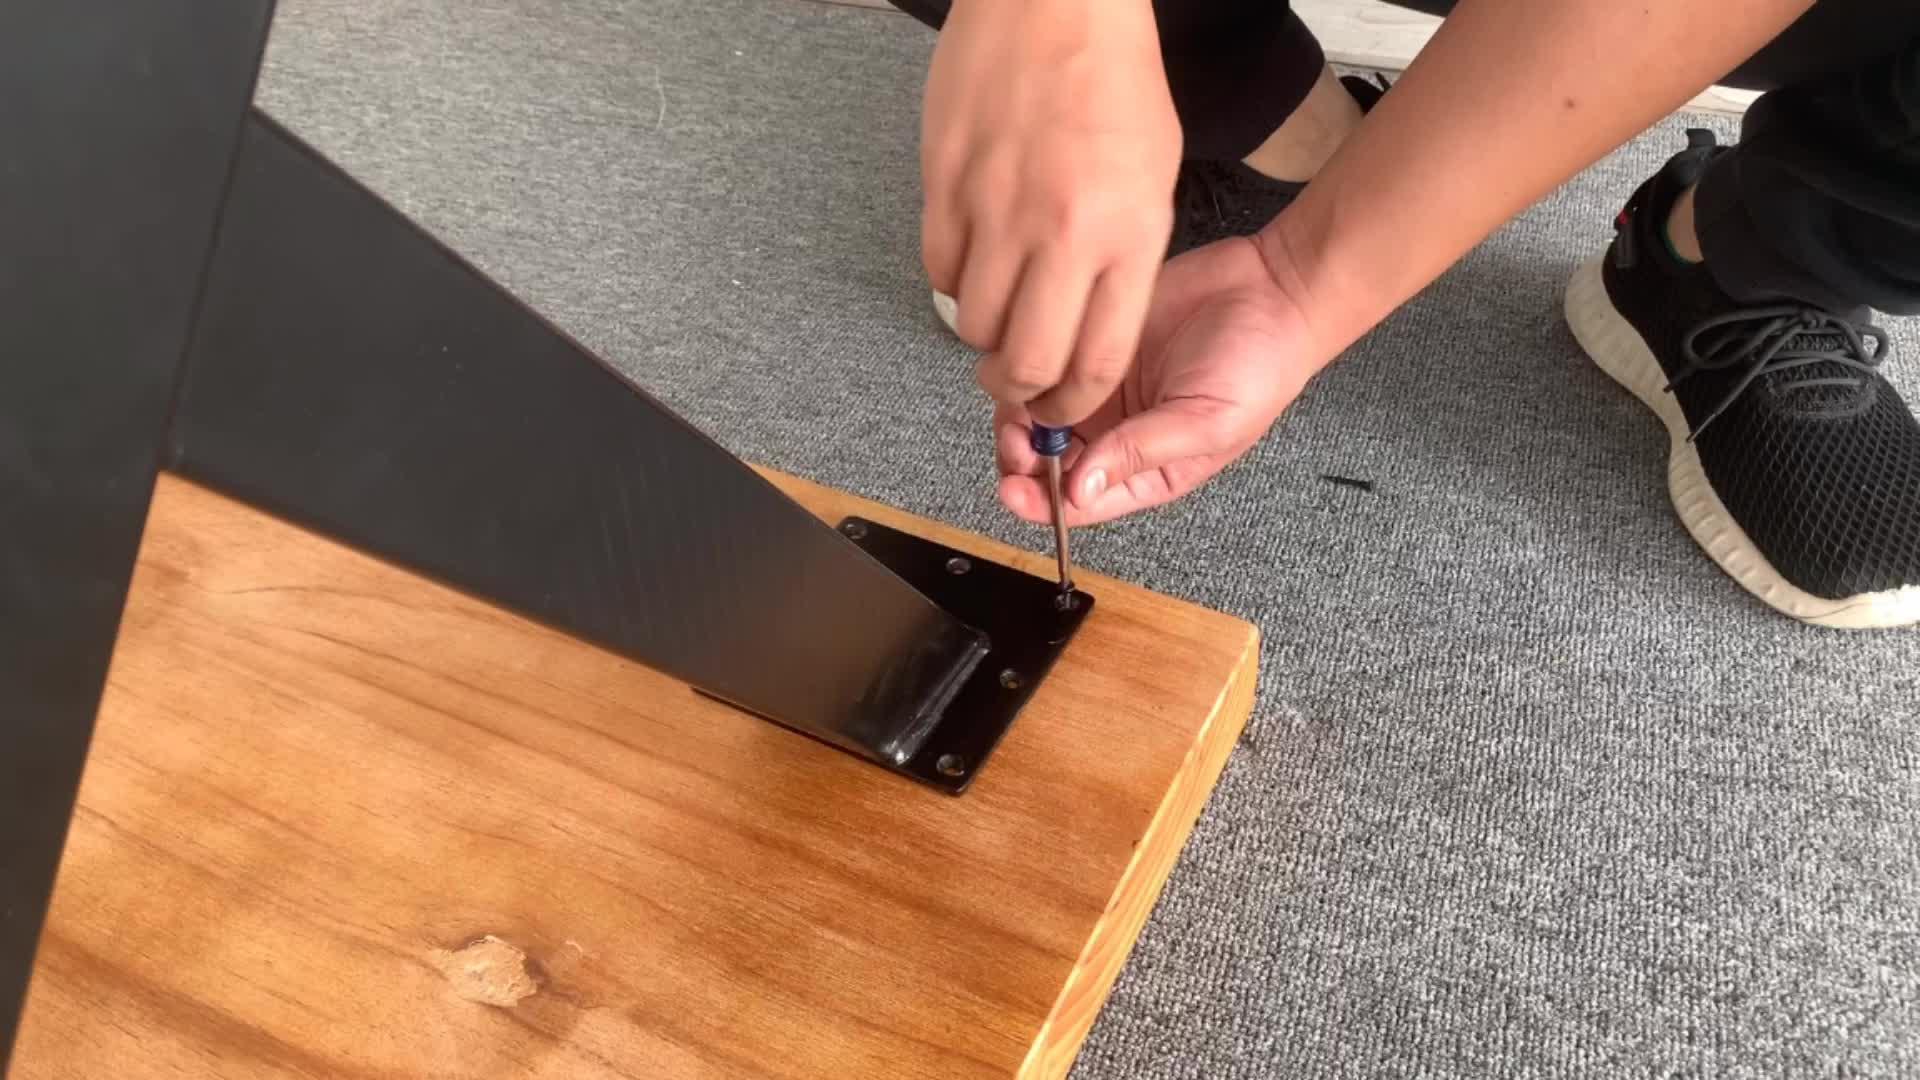 Vintage mesas de metal lateral de acero Inoxidable base de mesa de hierro forjado mesa de café piernas